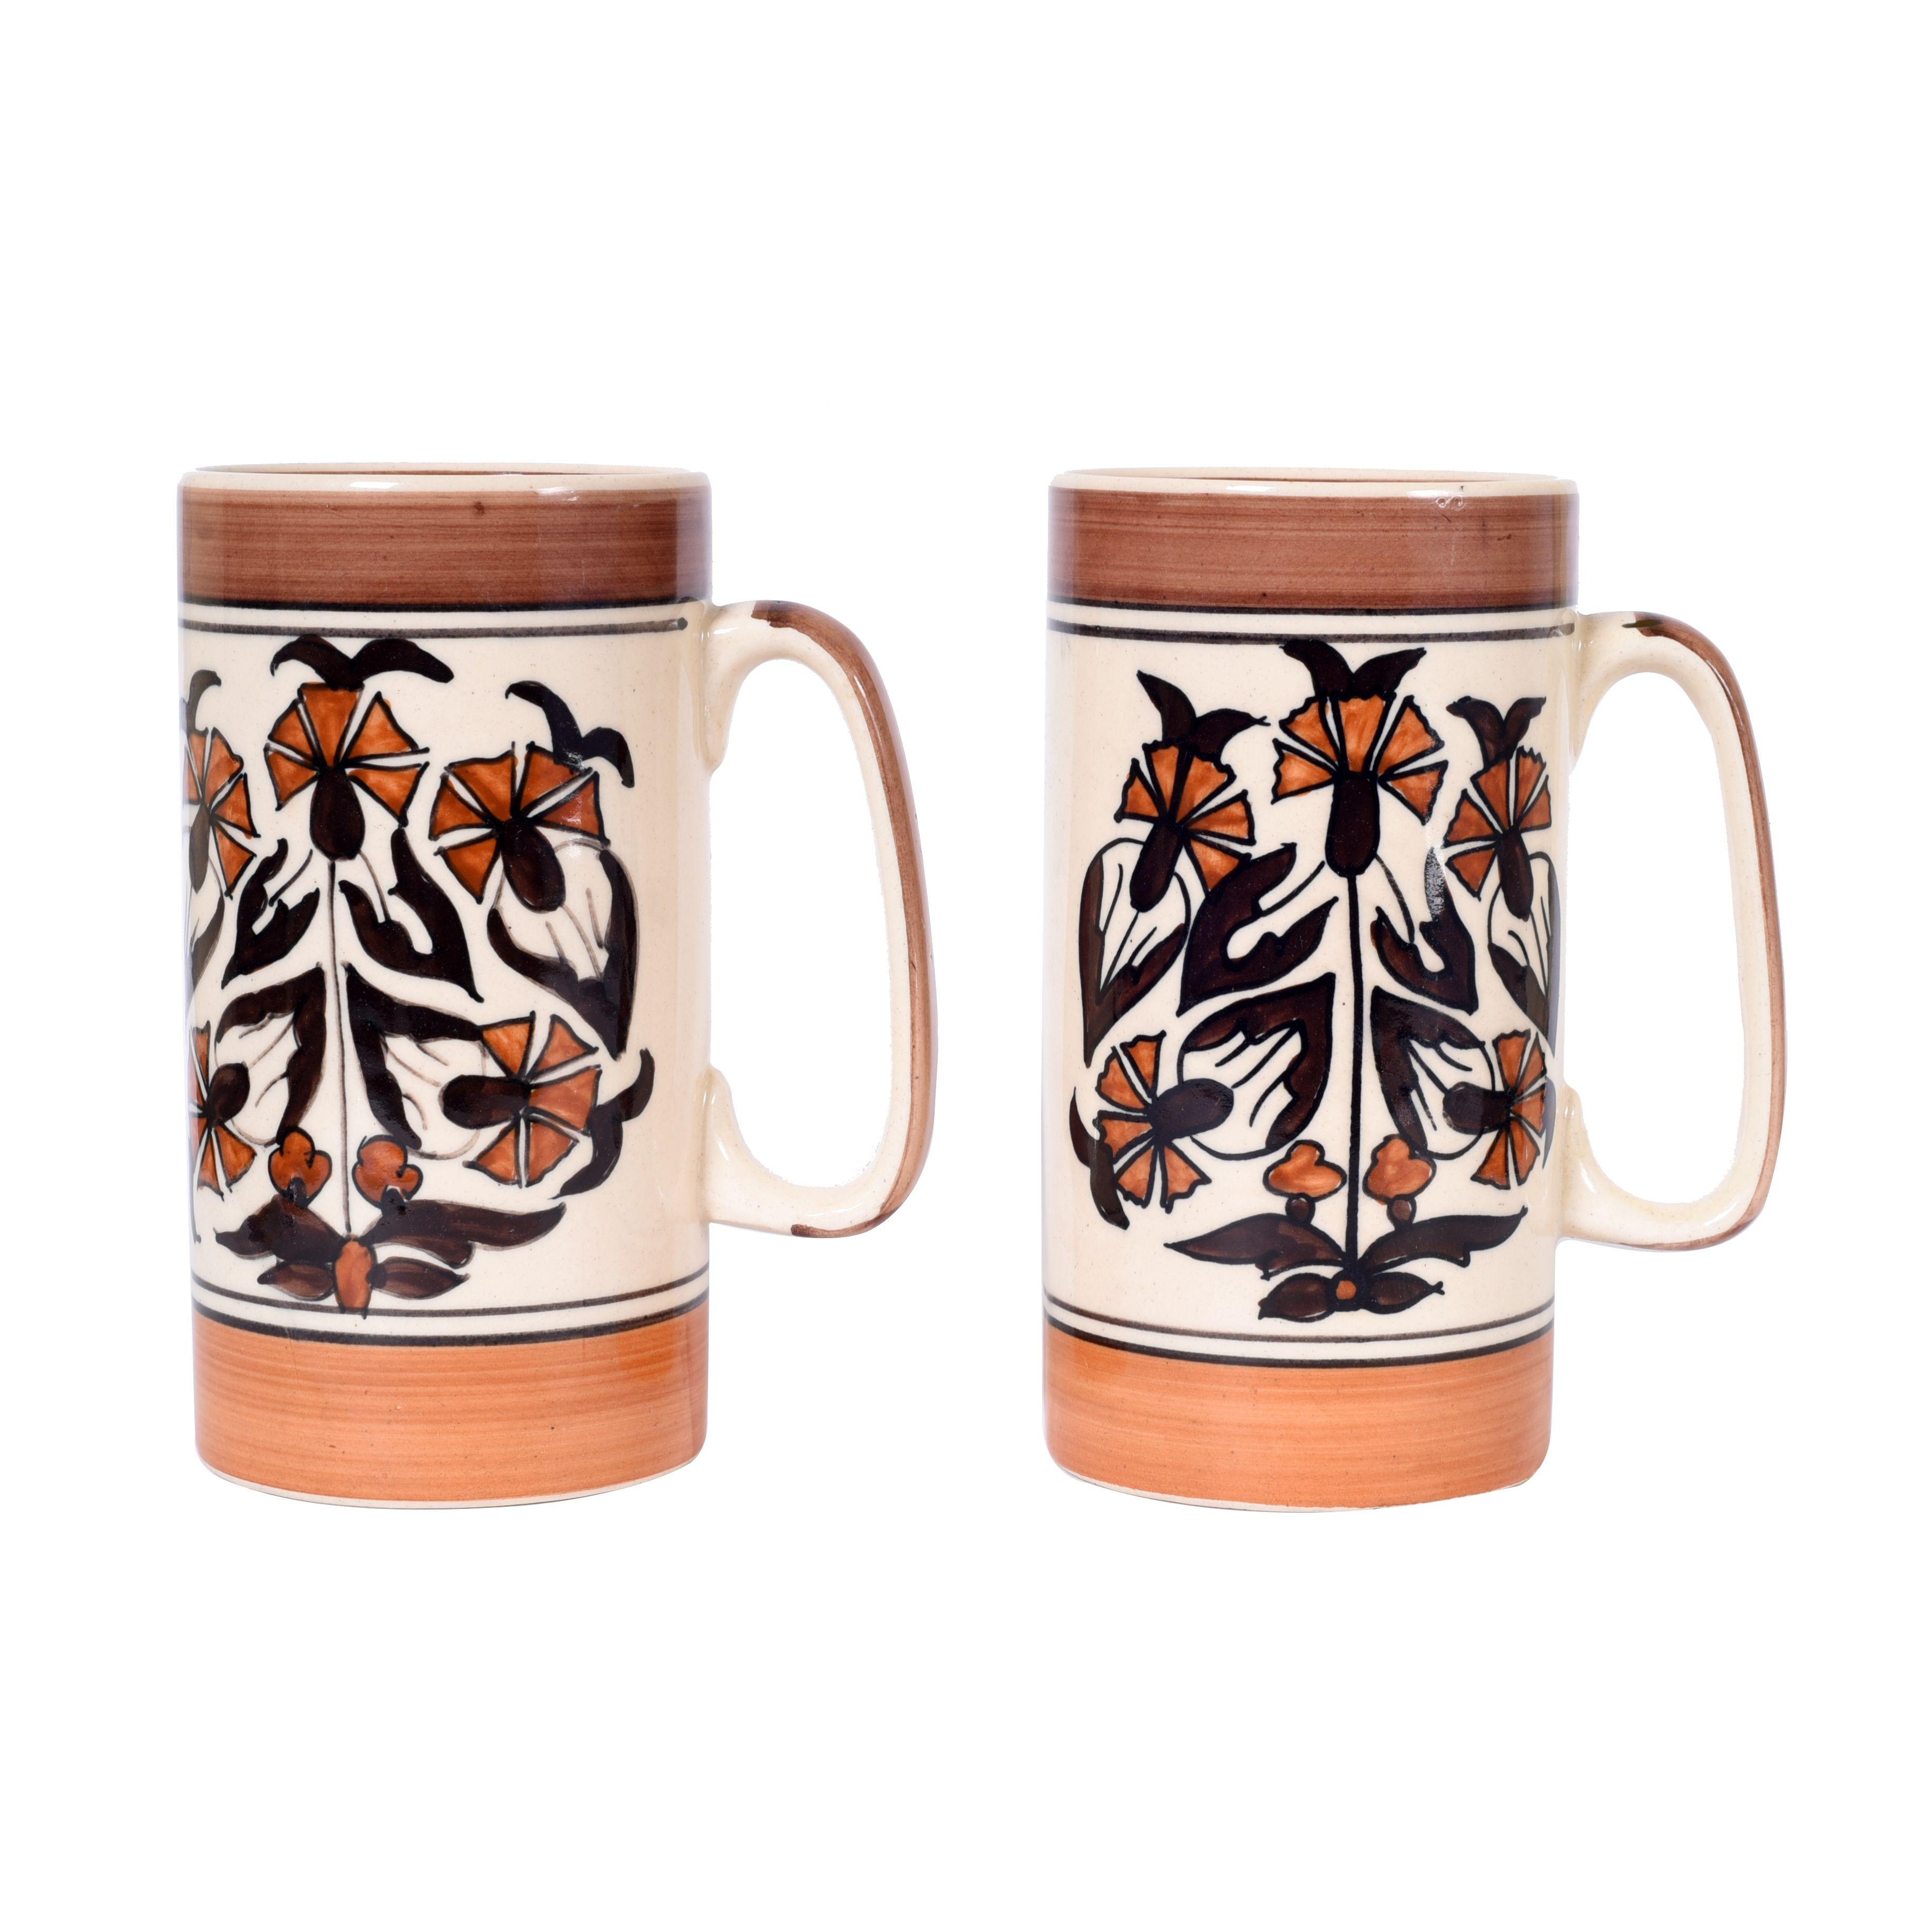 Unravel India Ceramic Milk Mug 2 Pcs 100 ml